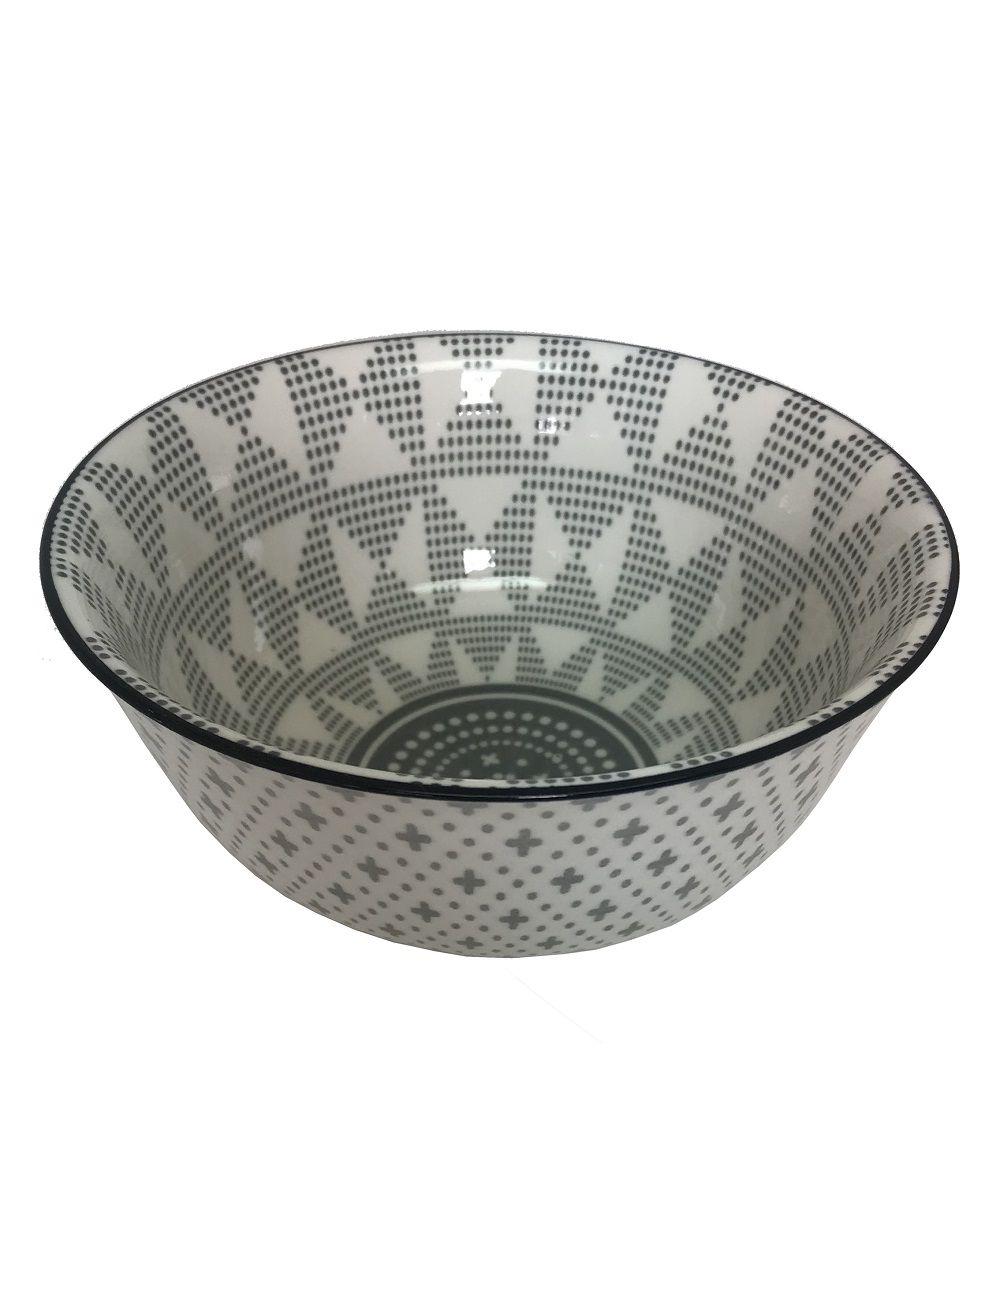 Bowl de Cerâmica Triângulos Preto e Branco